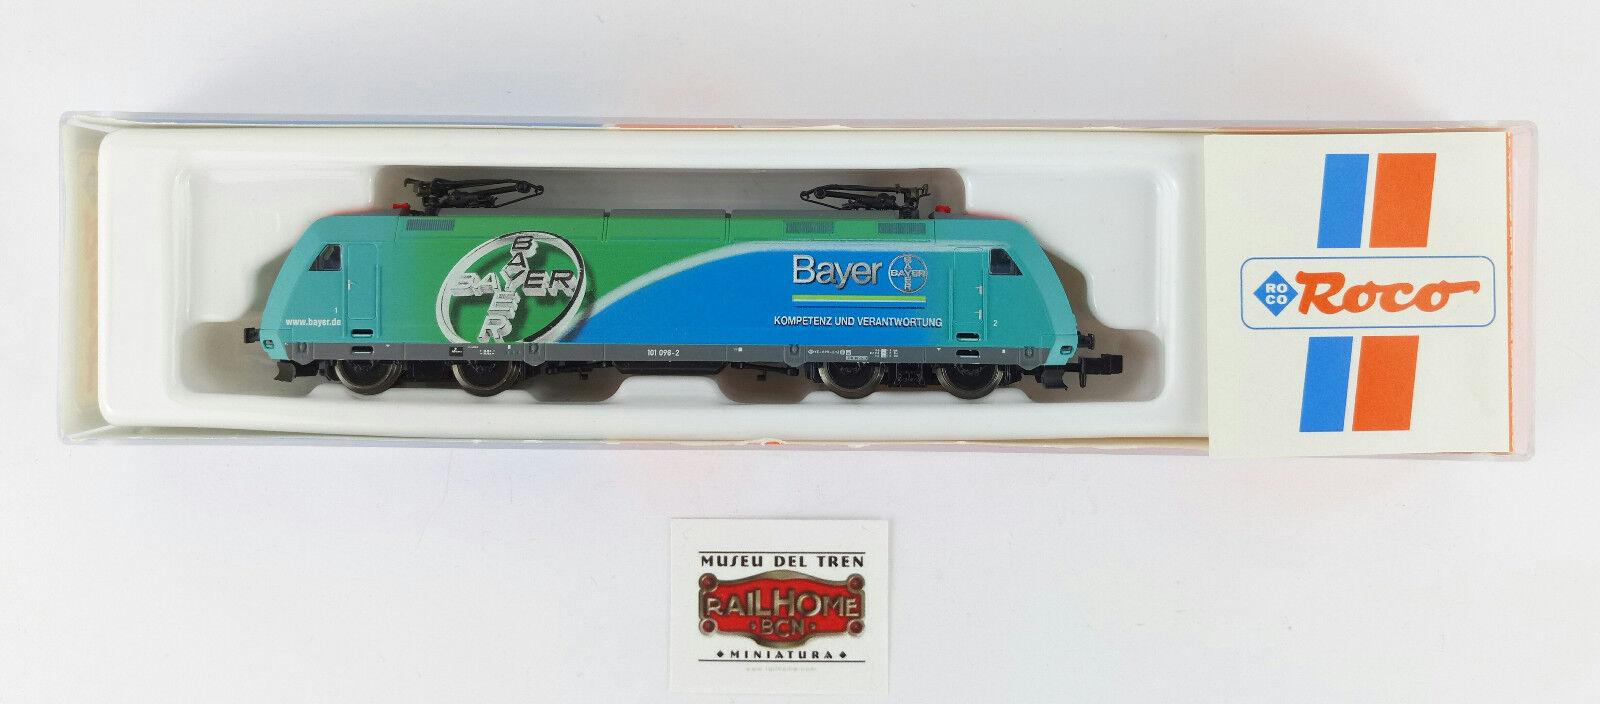 ROCO ROCO ROCO N 23313 - E-LOK BR 101 DB BAYER - NUEVA - OVP - TOP 7050d9